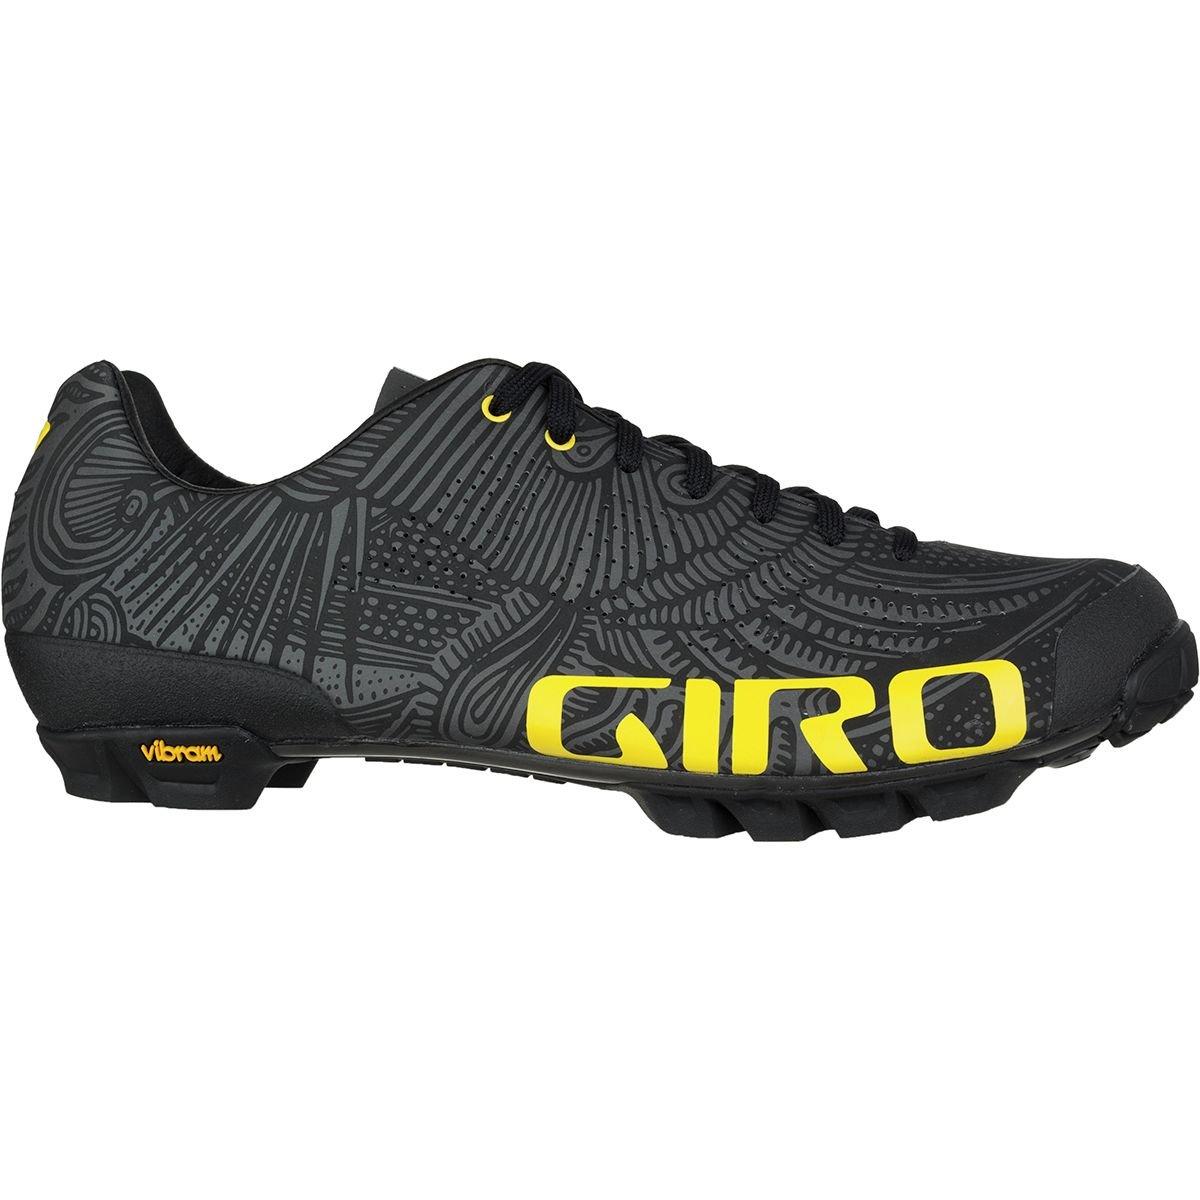 Giro Empire vr90 Arte Sempre Cycling Shoe B07BRS4MHR 41|Dark Shadow Reflective Dark Shadow Reflective 41